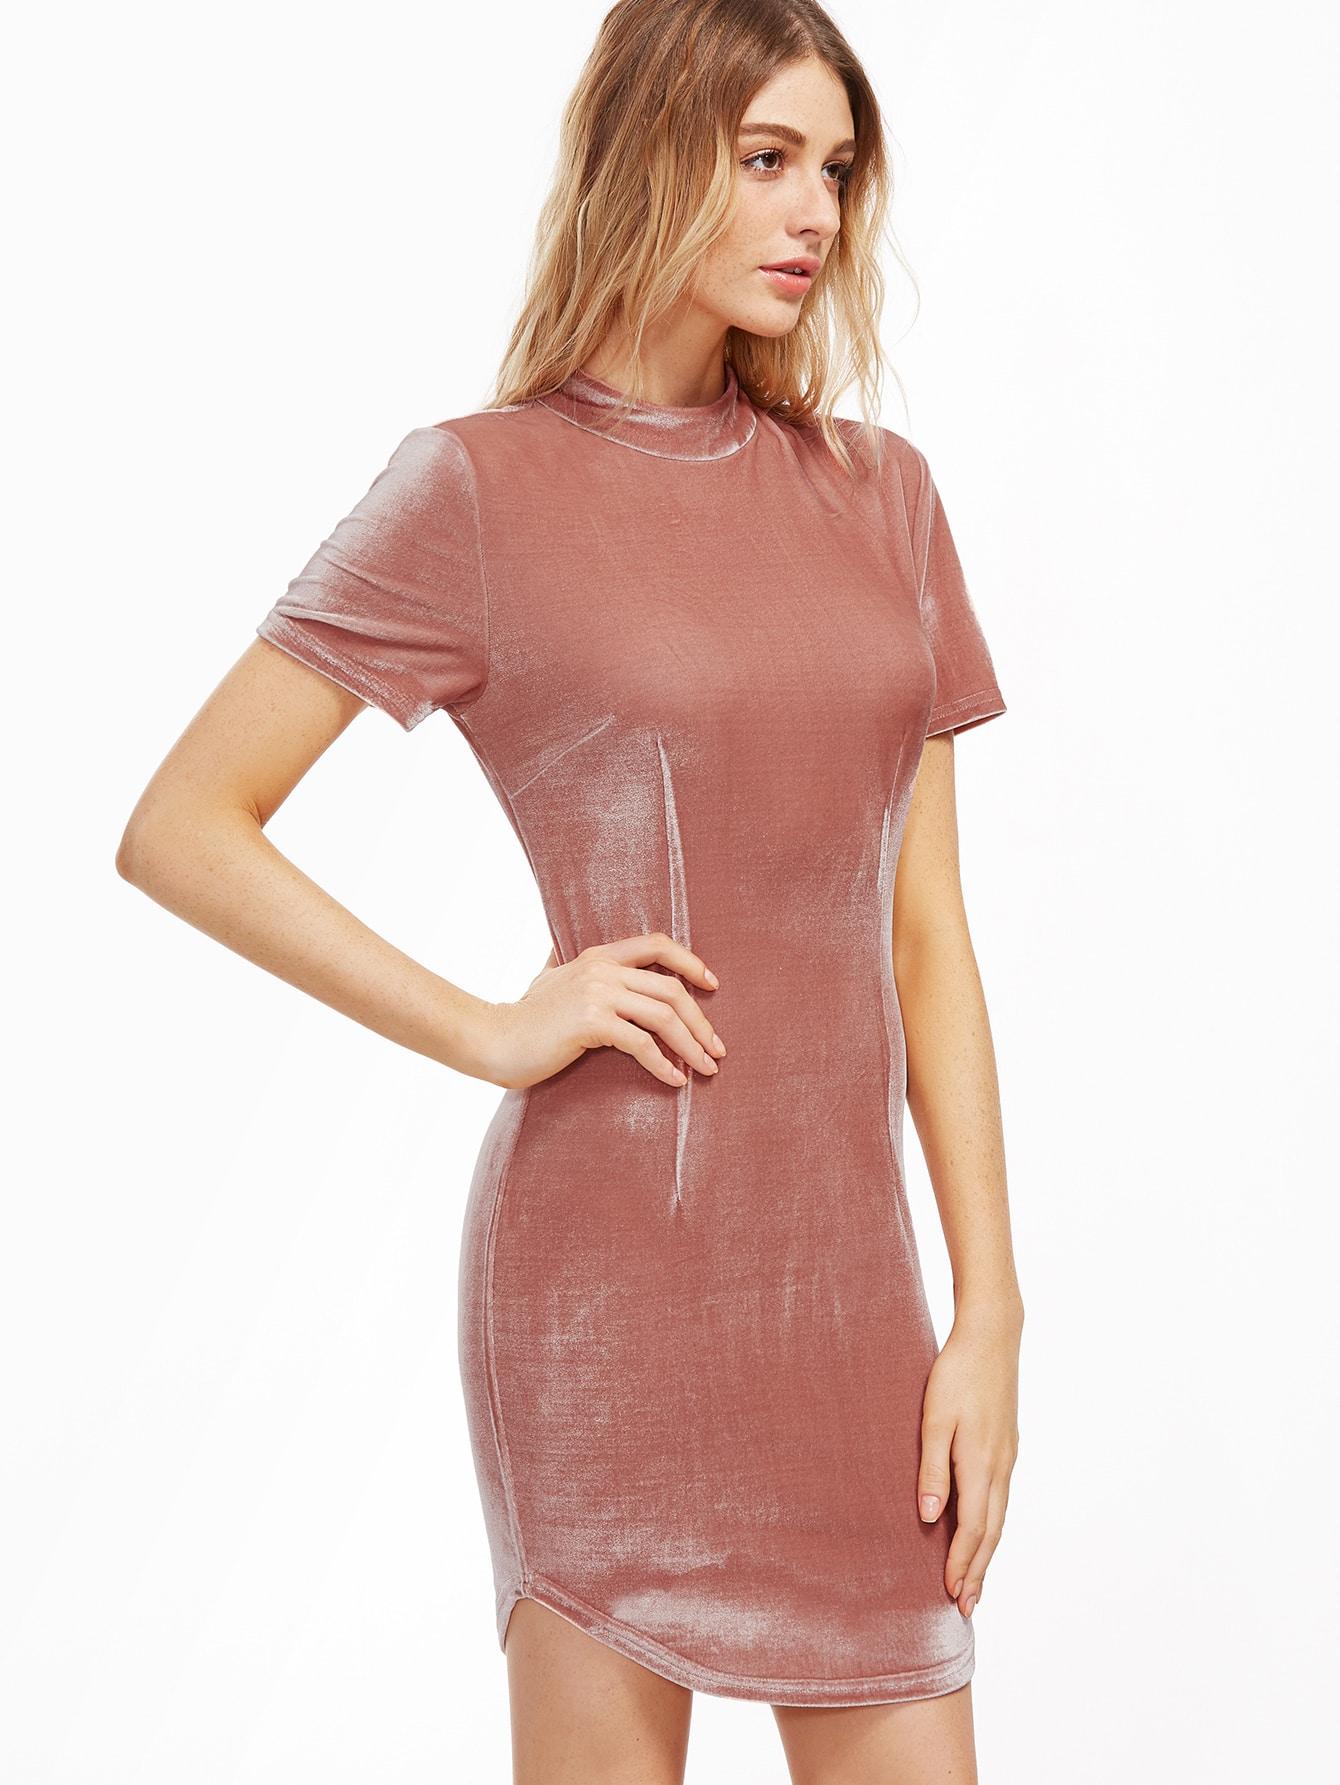 dress161026711_2